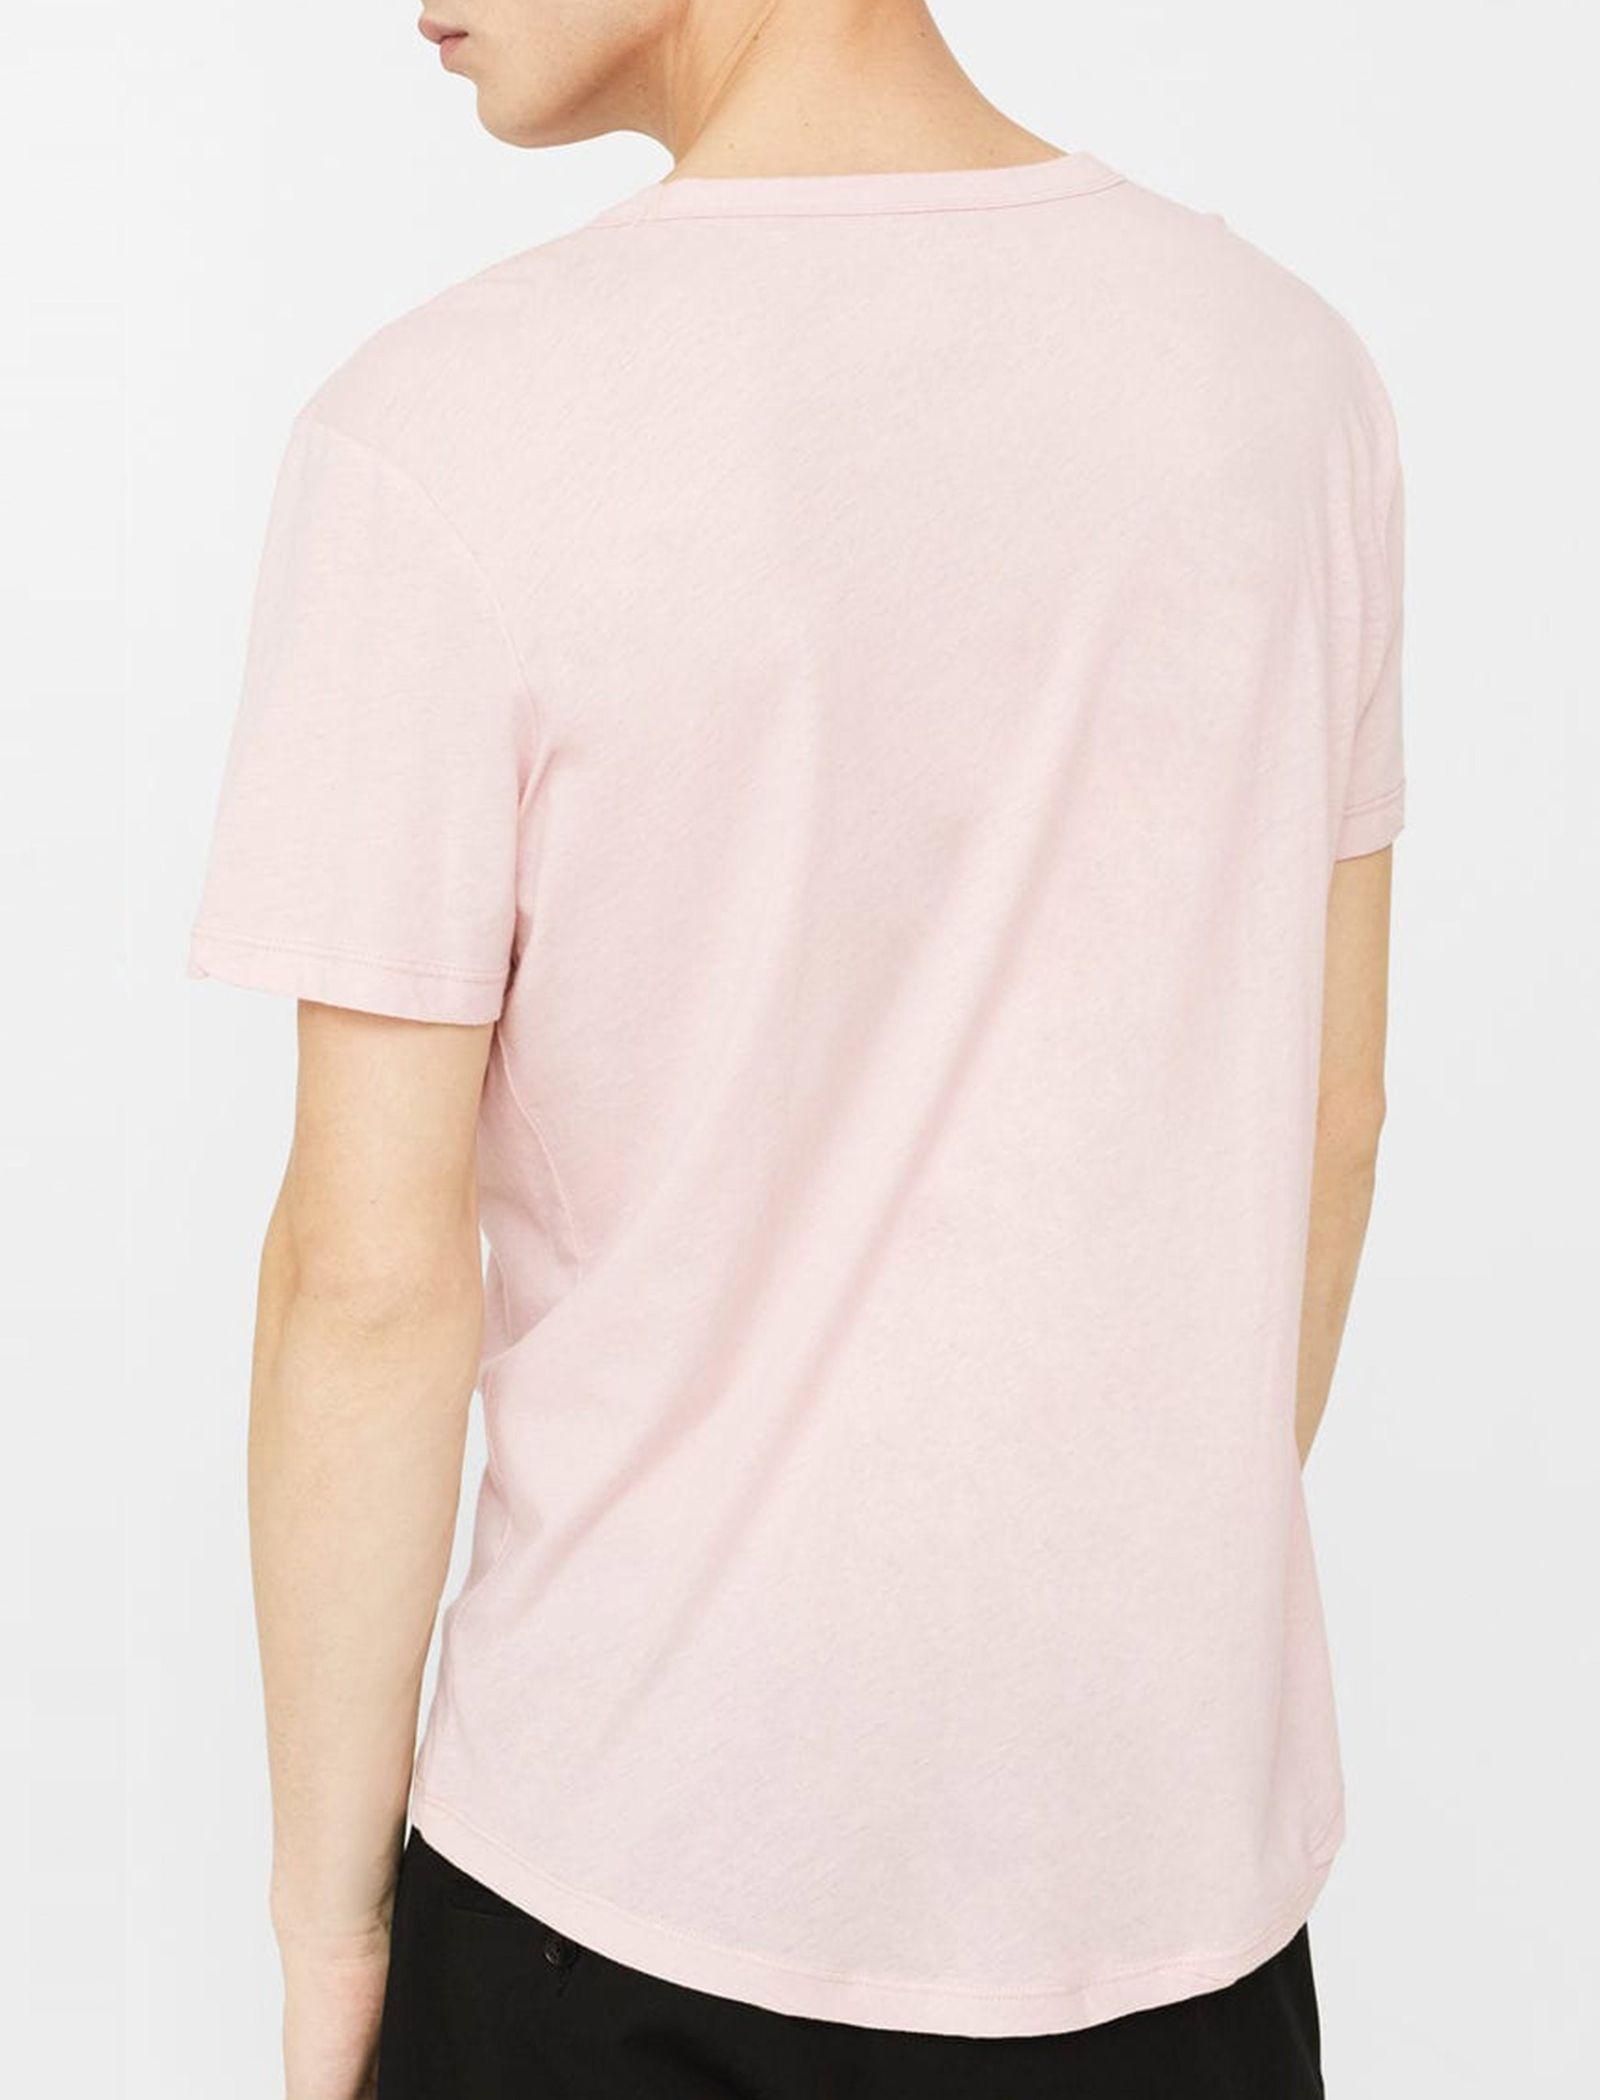 تی شرت نخی یقه گرد مردانه - مانگو - صورتي - 3